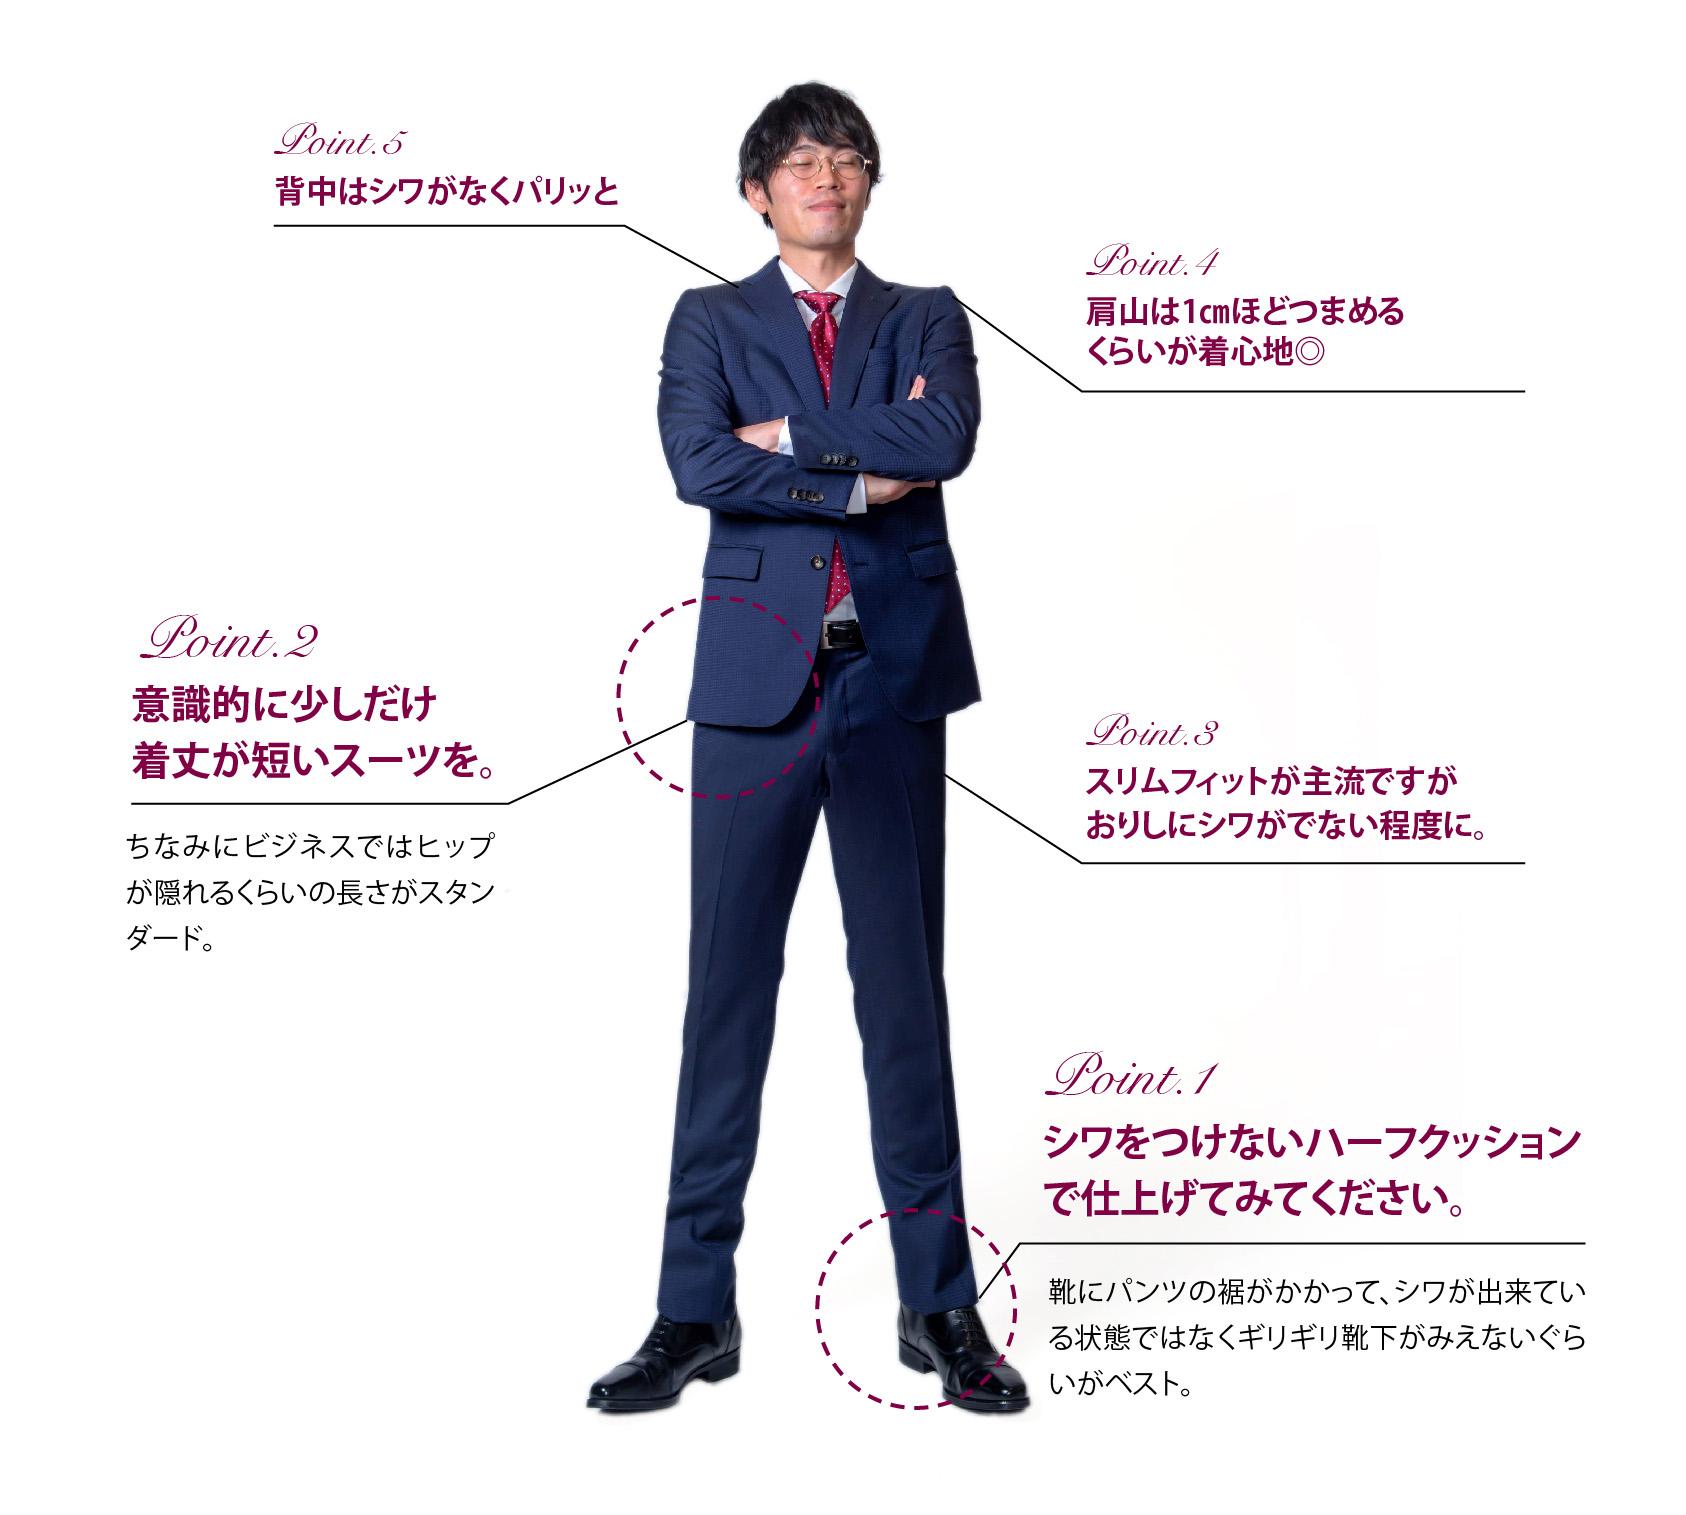 スーツのPoint